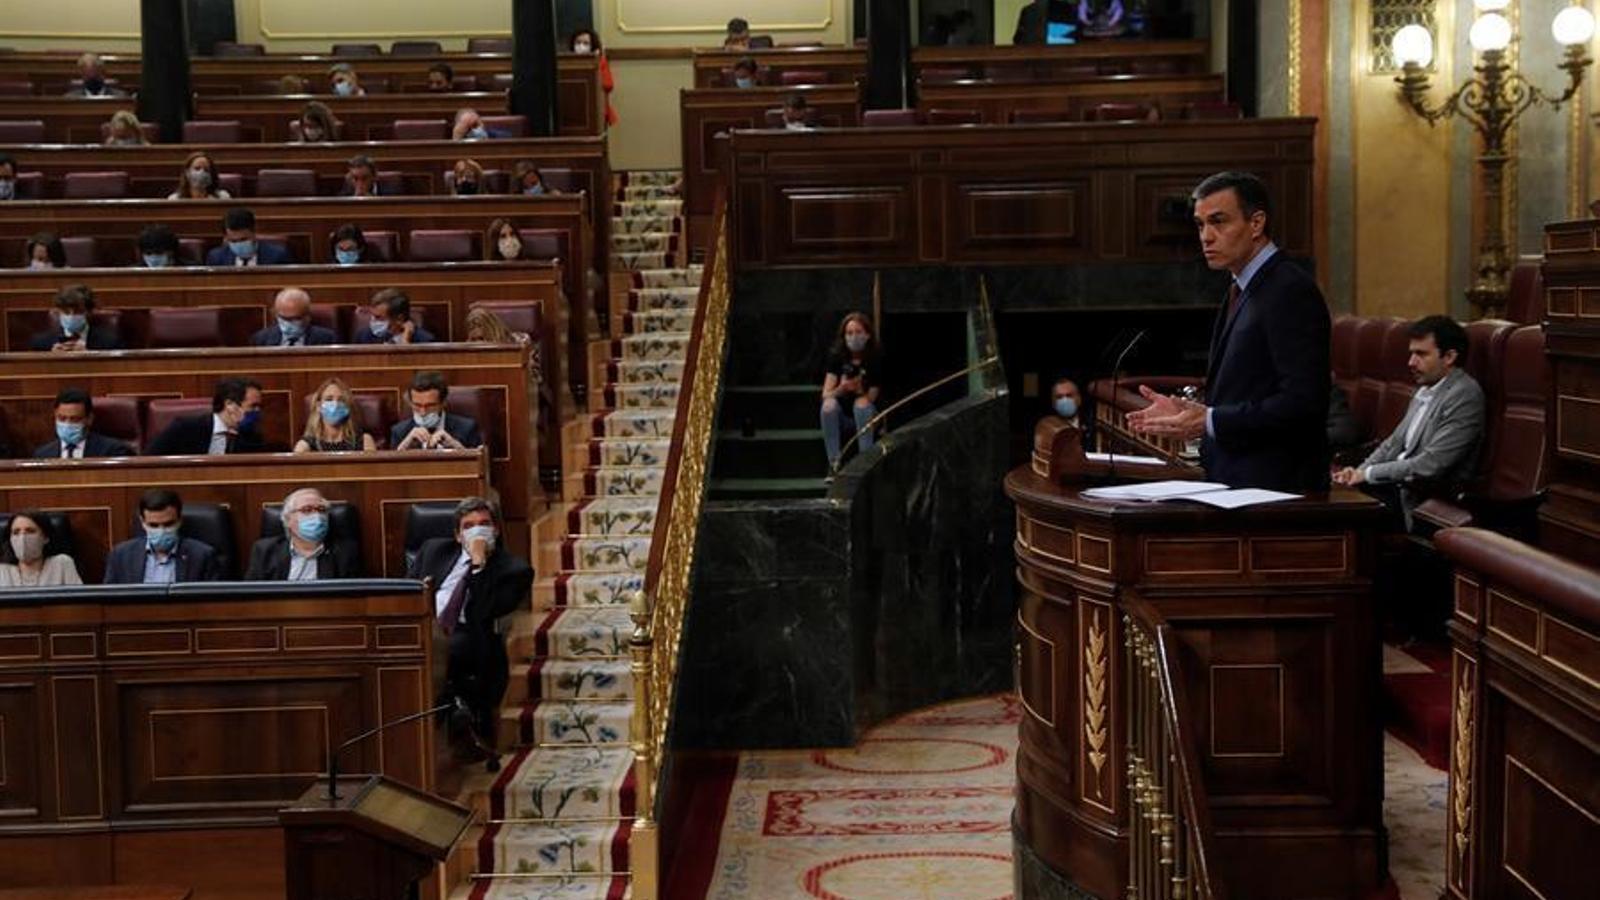 EN DIRECTE | La sessió de control al govern espanyol al Congrés